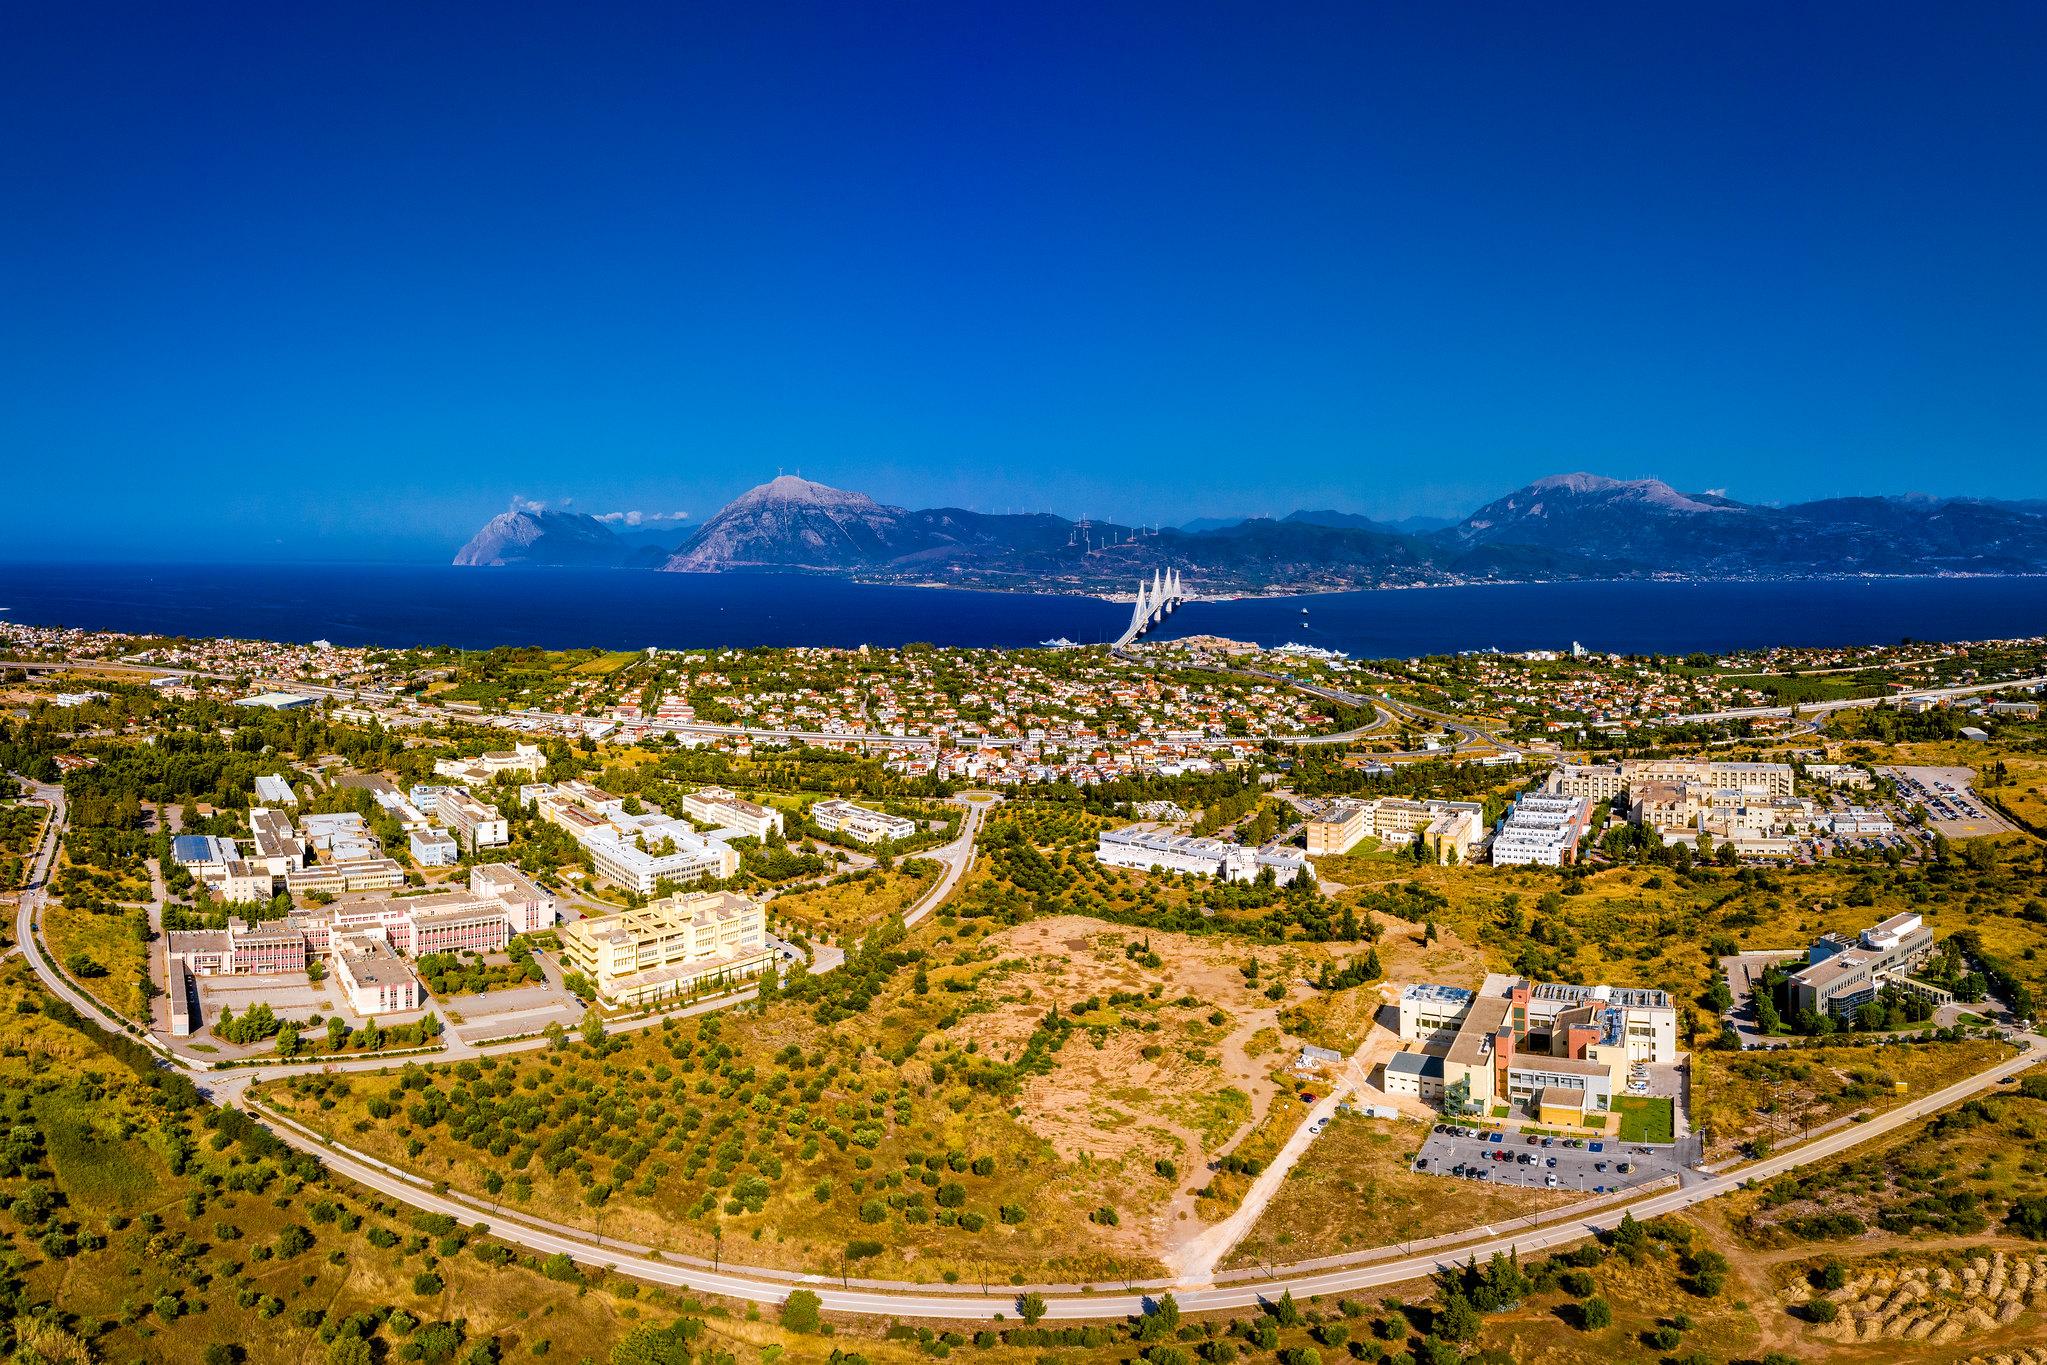 Πανεπιστημιούπολη Ριο - Αεροφωτογραφία